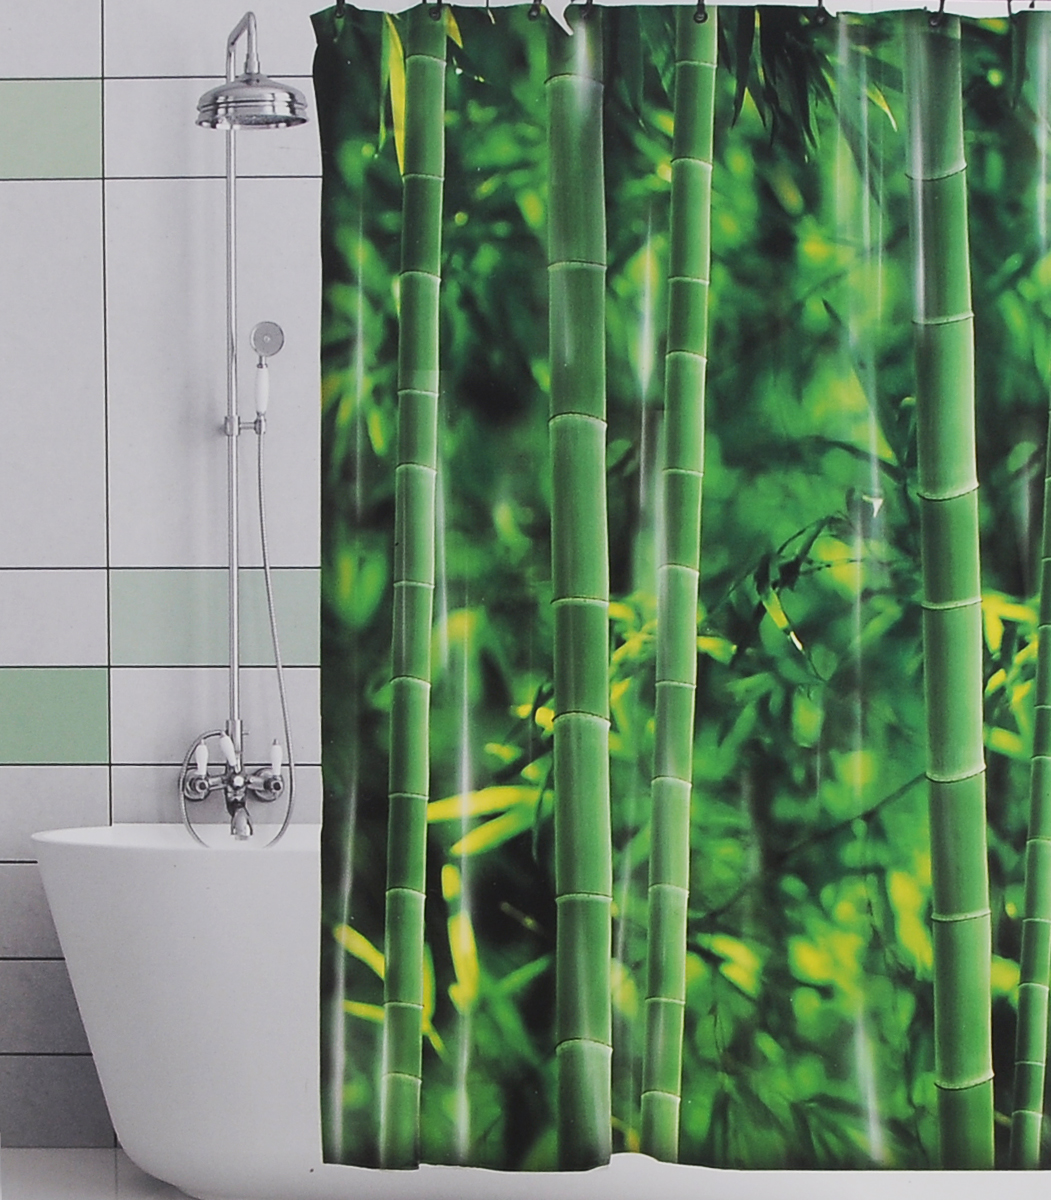 Штора для ванной Valiant Бамбуковые джунгли, цвет: зеленый, 180 х 180 смGHШтора для ванной комнаты Valiant Бамбуковые джунгли из 100% плотного полиэстера с водоотталкивающей поверхностью идеально защищает ванную комнату от брызг. В верхней кромке шторы предусмотрены отверстия для пластиковых колец (входят в комплект), а в нижней кромке шторы скрыт гибкий шнур, который поддерживает ее в естественной расправленной форме. Штору можно легко почистить мягкой губкой с мылом или постирать ее с мягким моющим средством в деликатном режиме.Количество колец: 12 шт.